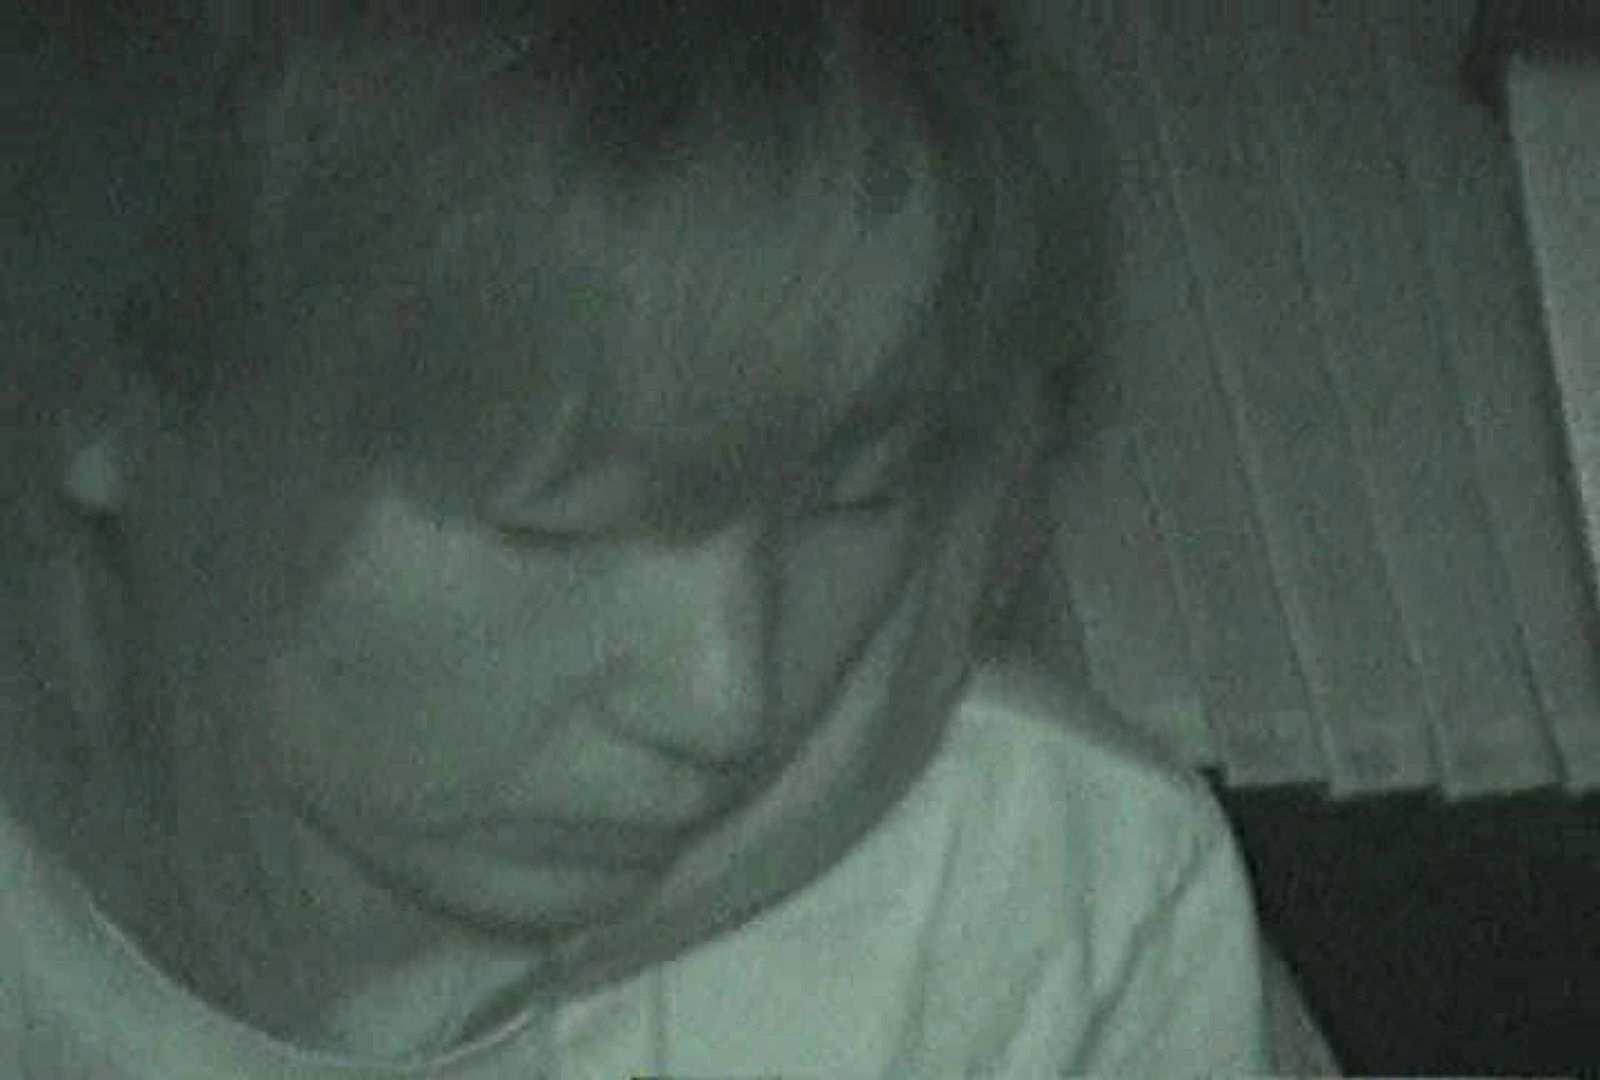 充血監督の深夜の運動会Vol.77 OLセックス  75画像 48